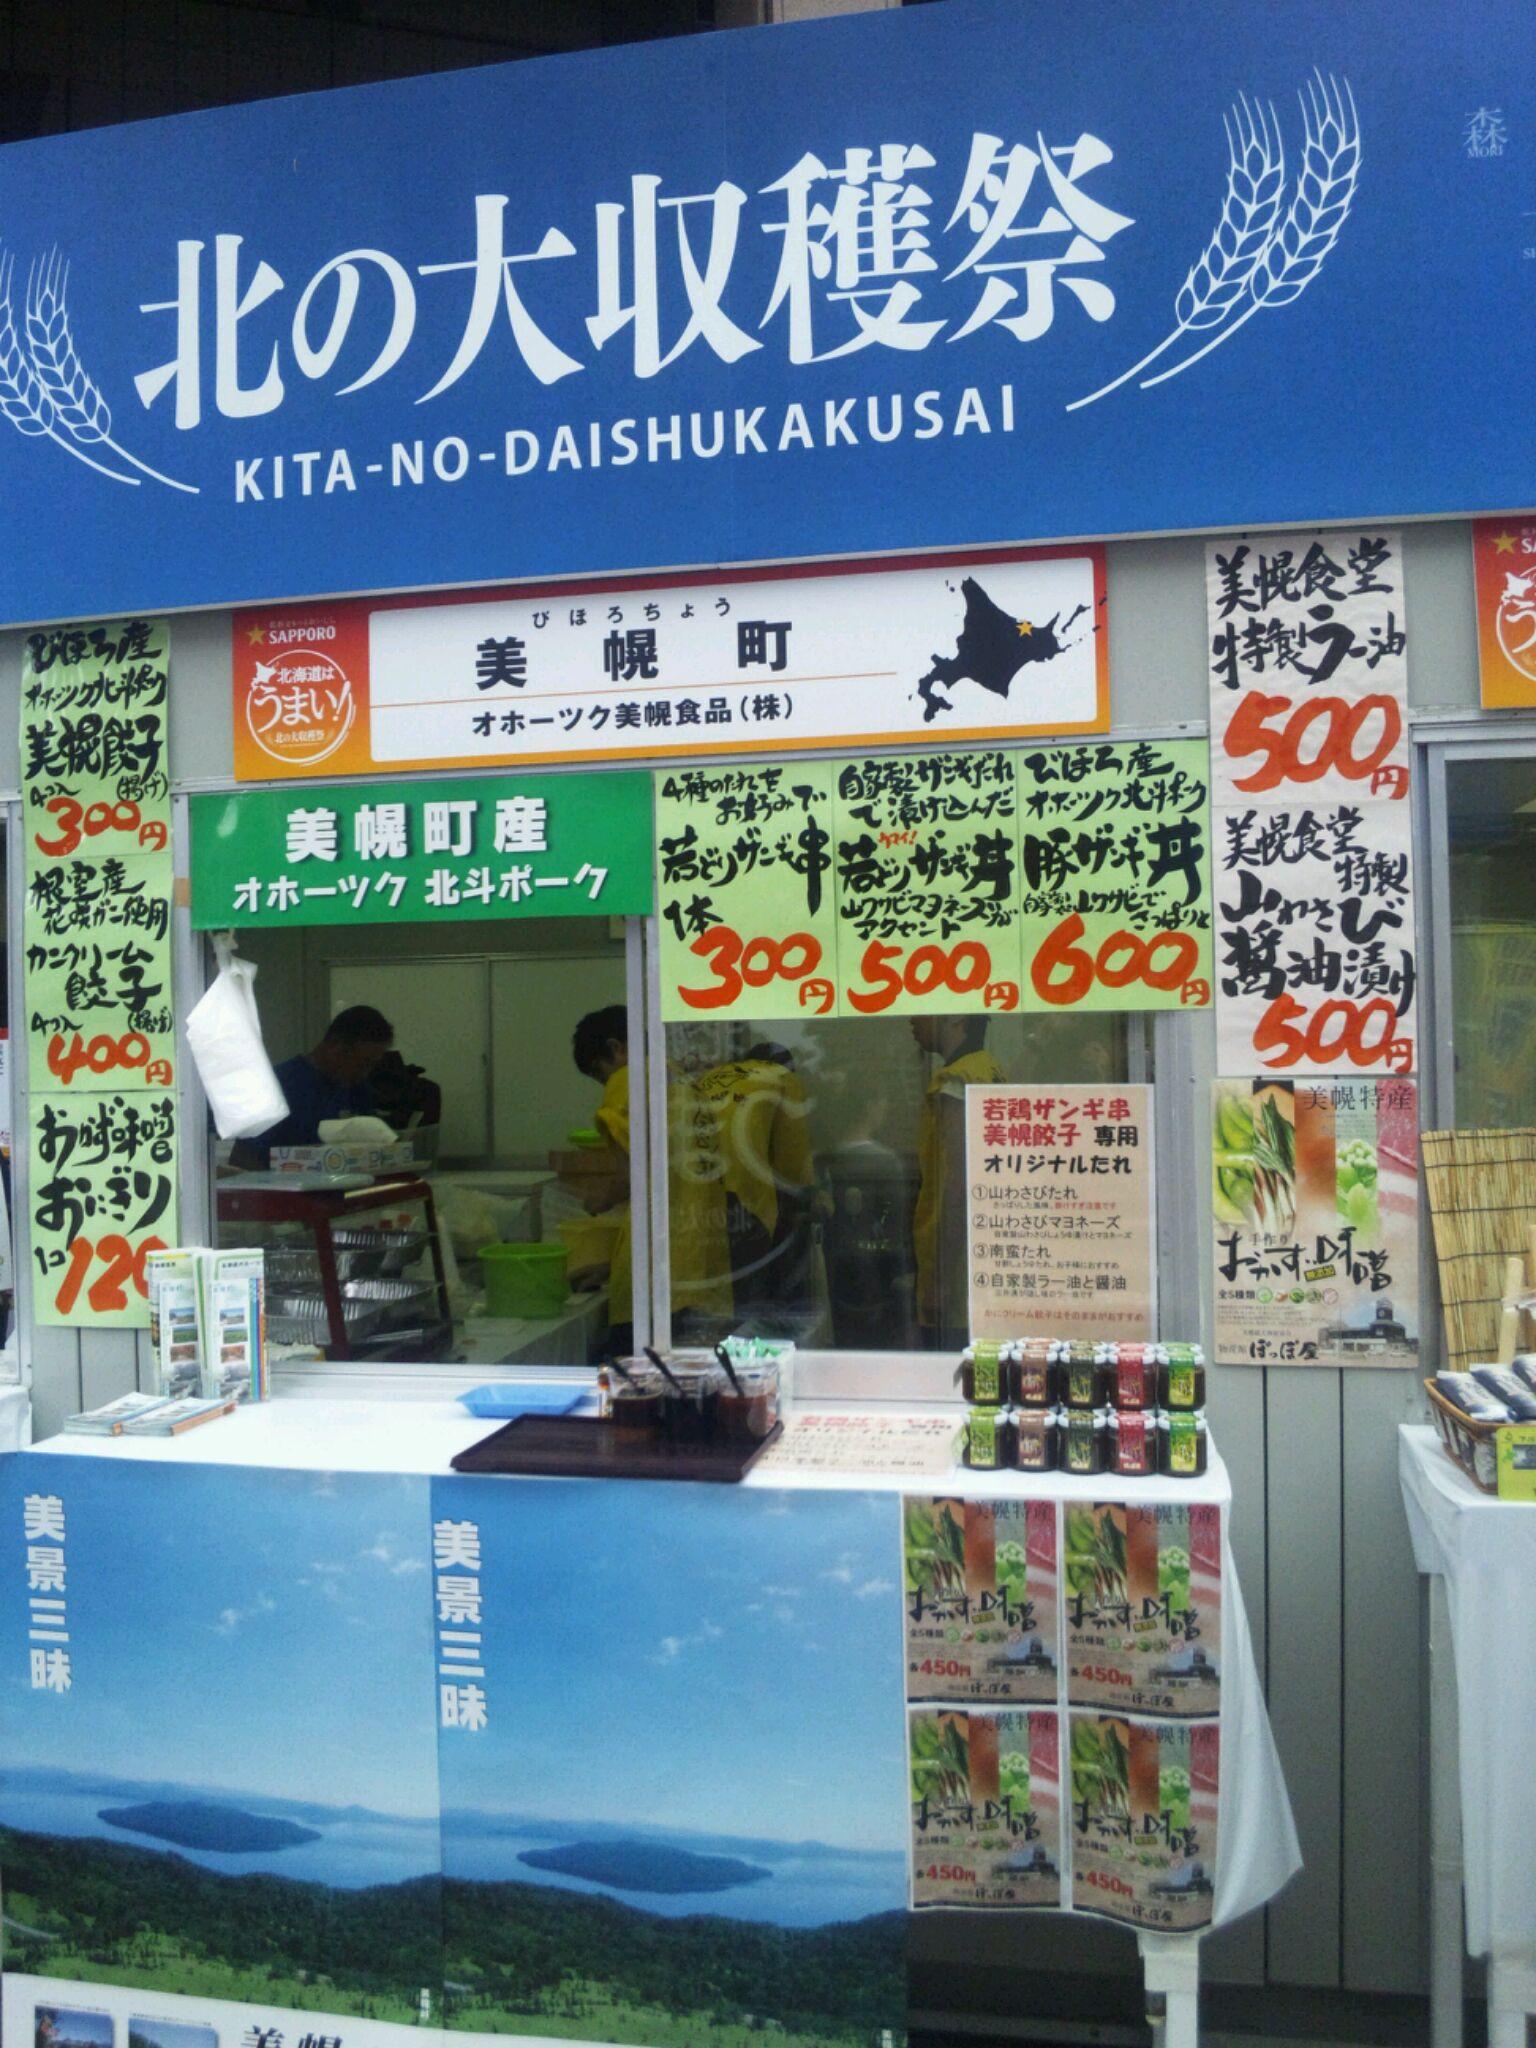 恵比寿店頭 (1)